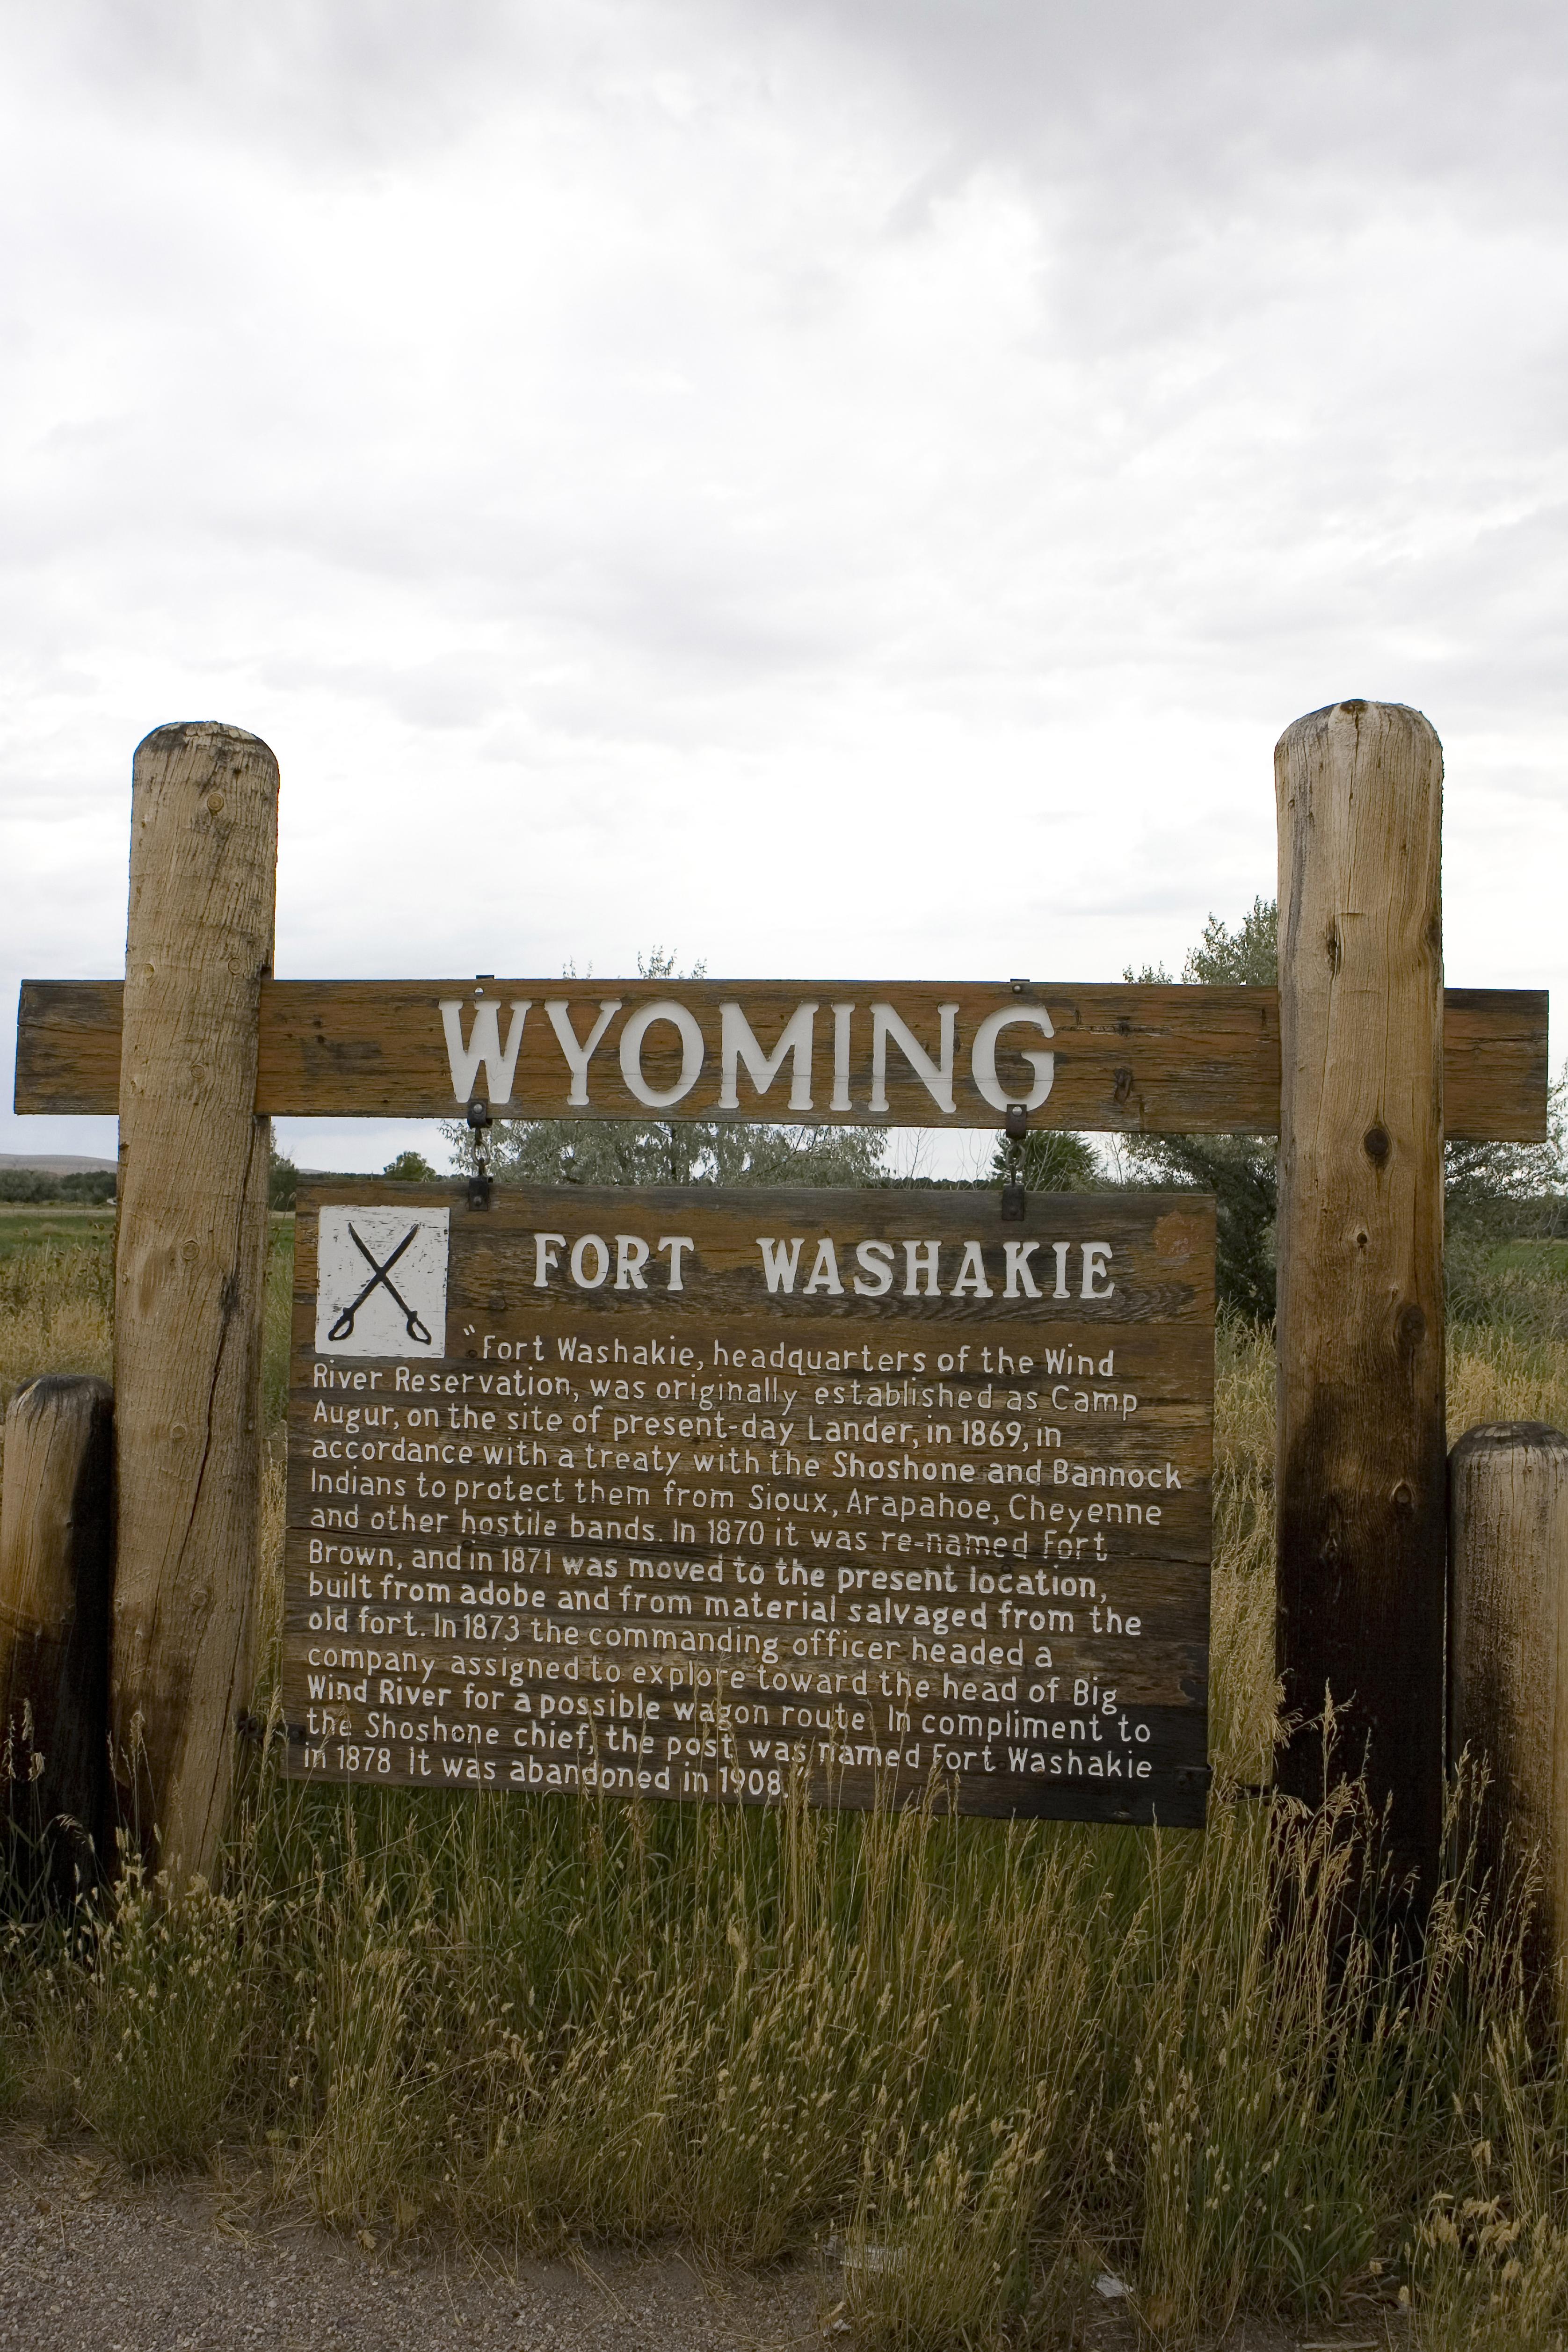 WY-009 Fort Washakie